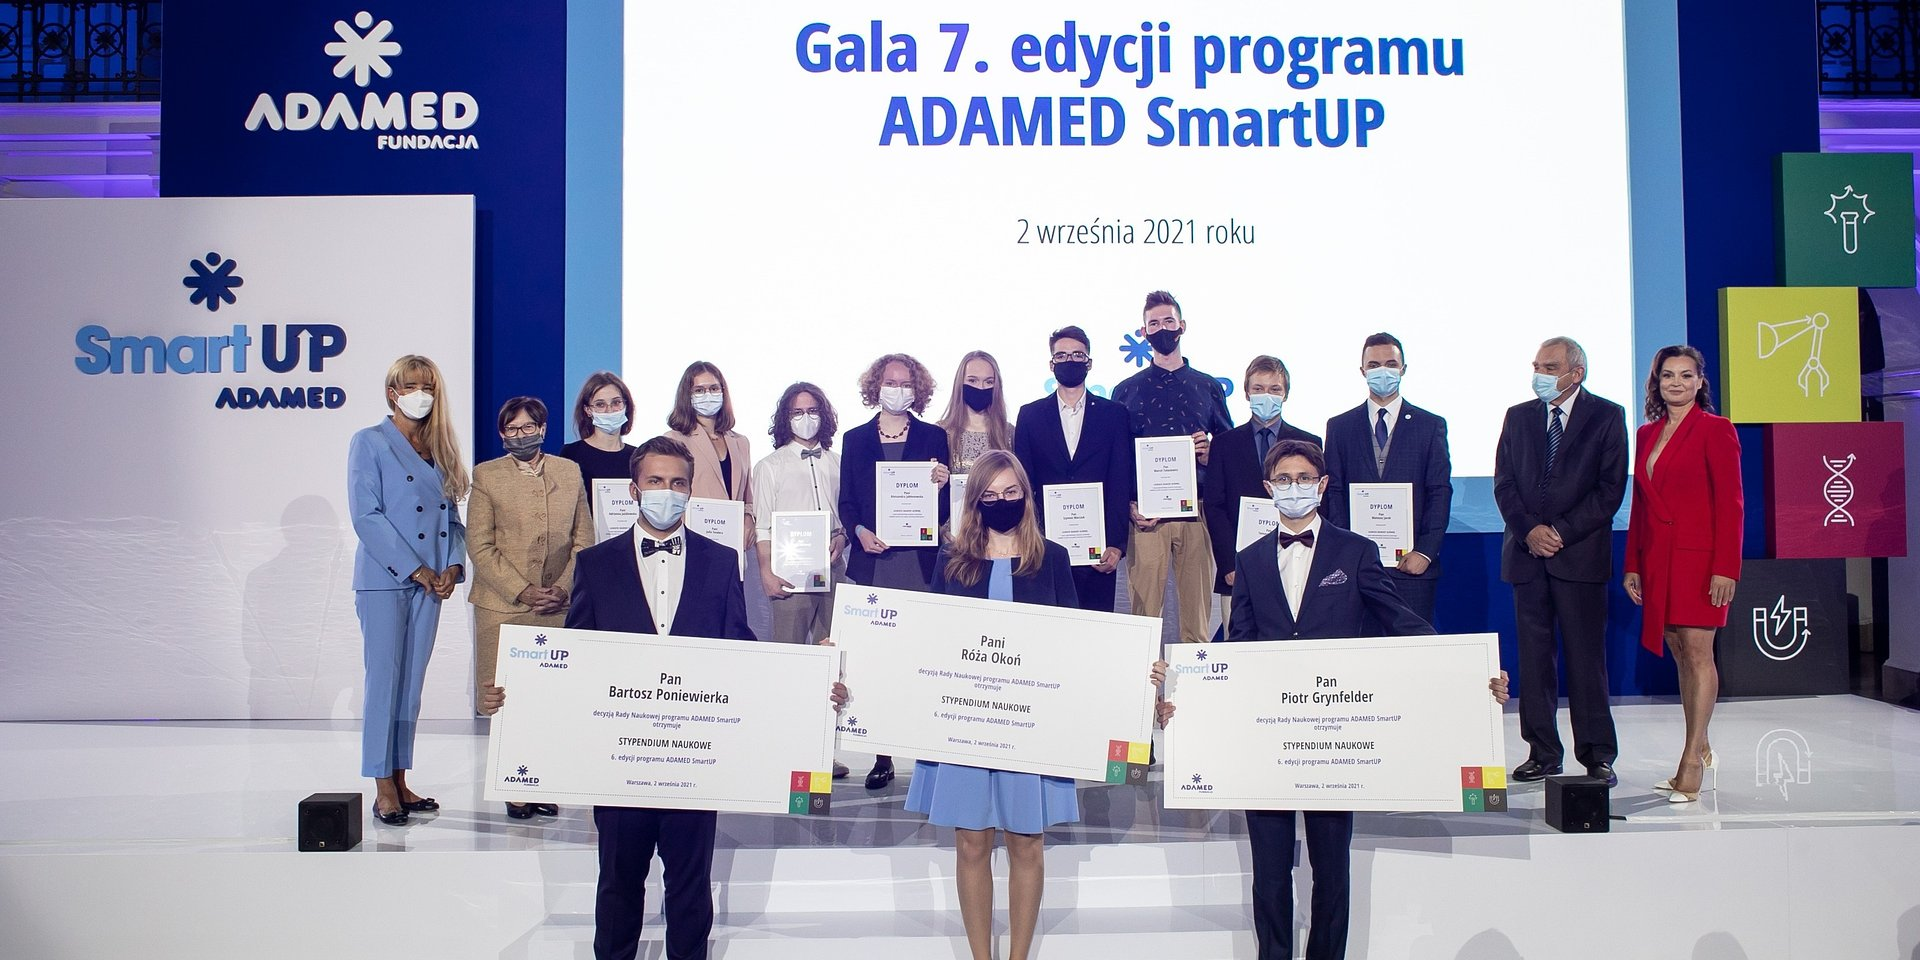 Młodzi, zdolni, ambitni – znamy laureatów nagrody głównej 7. edycji programu ADAMED SmartUP